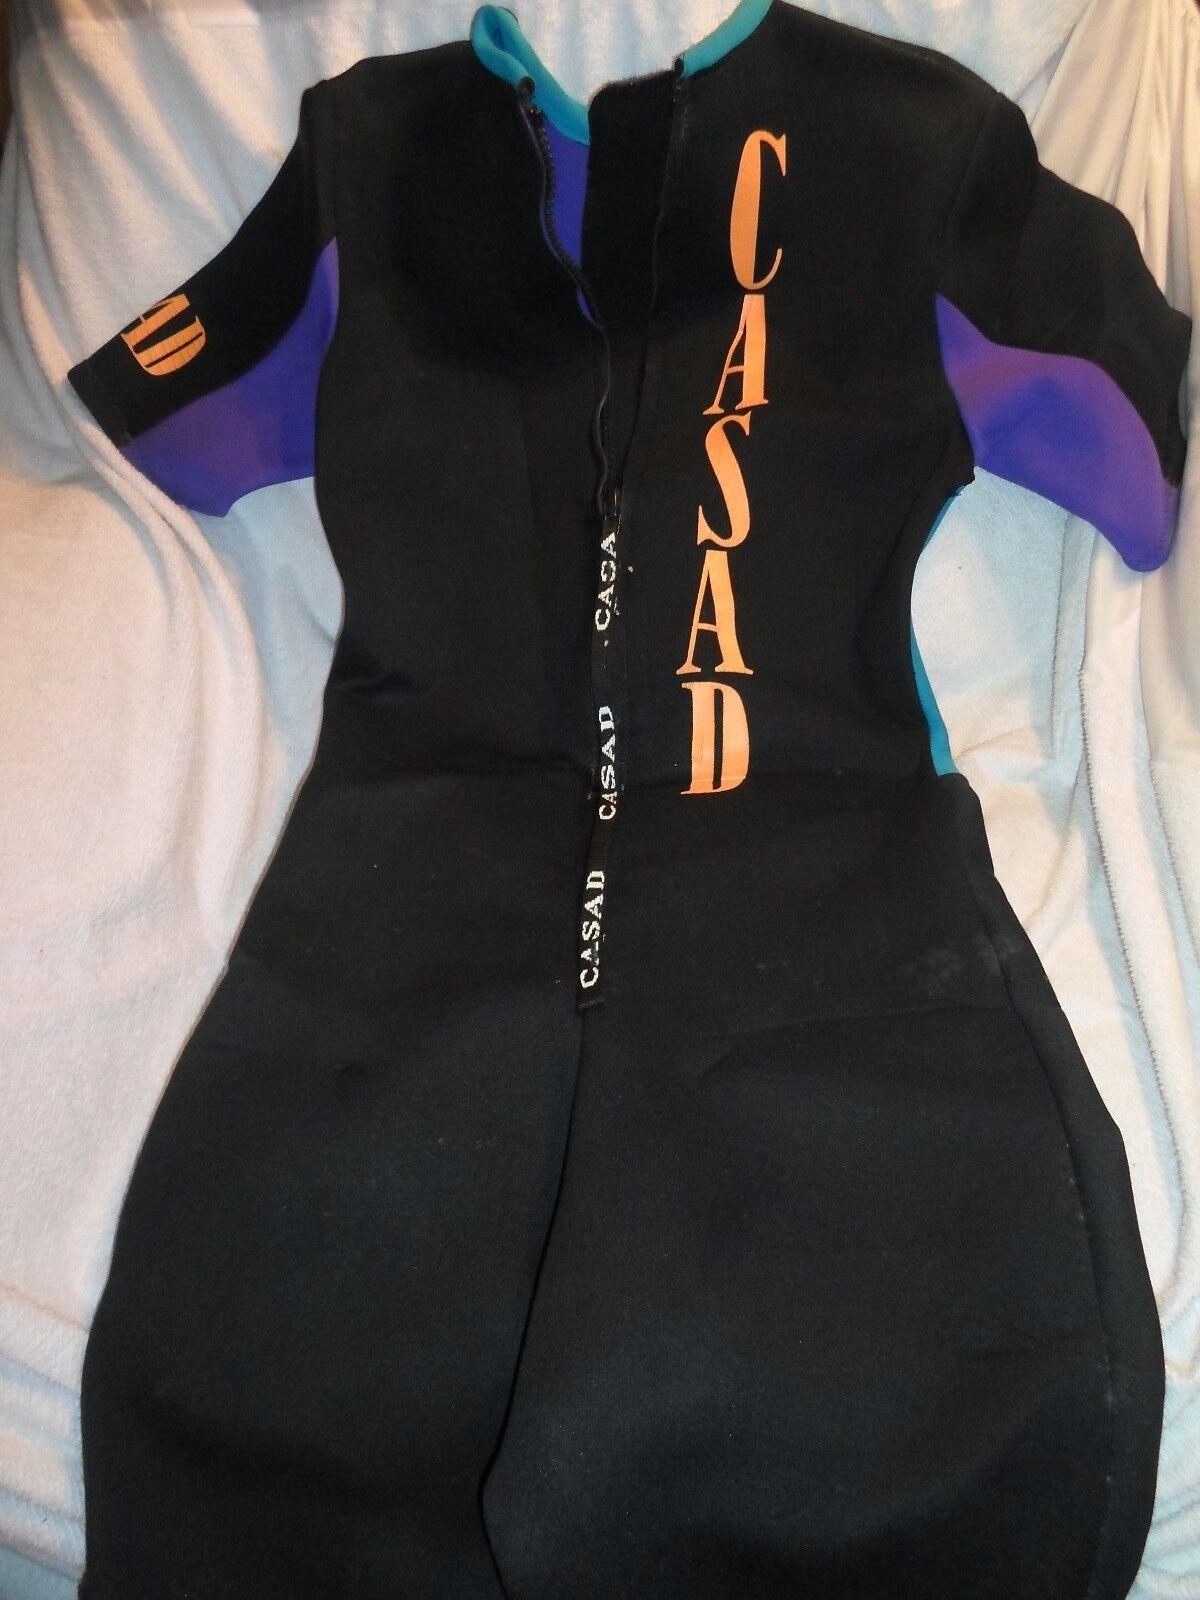 Casad Scuba Suit Diving Surfing Water Suit Men's Large Jetski Sport